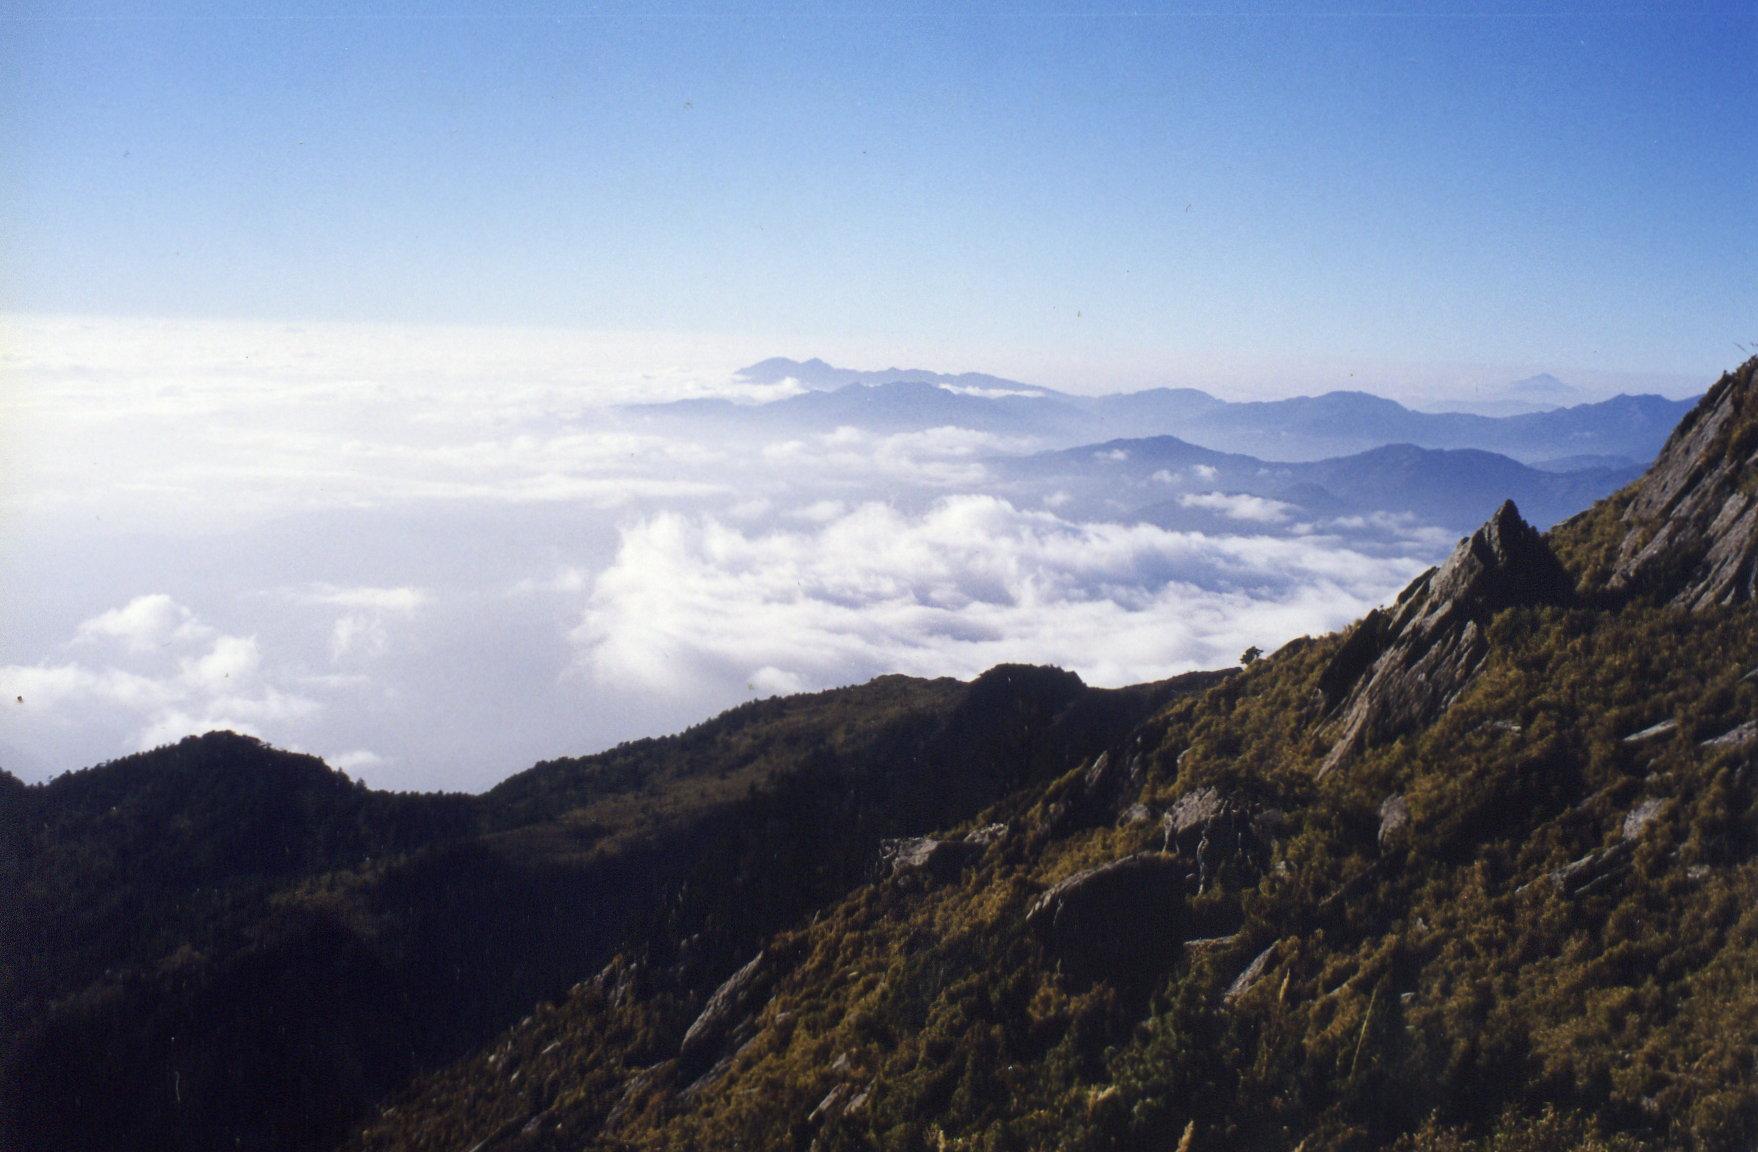 view-near-xiang-yang-shan-near-jia-ming-lake-pingdong